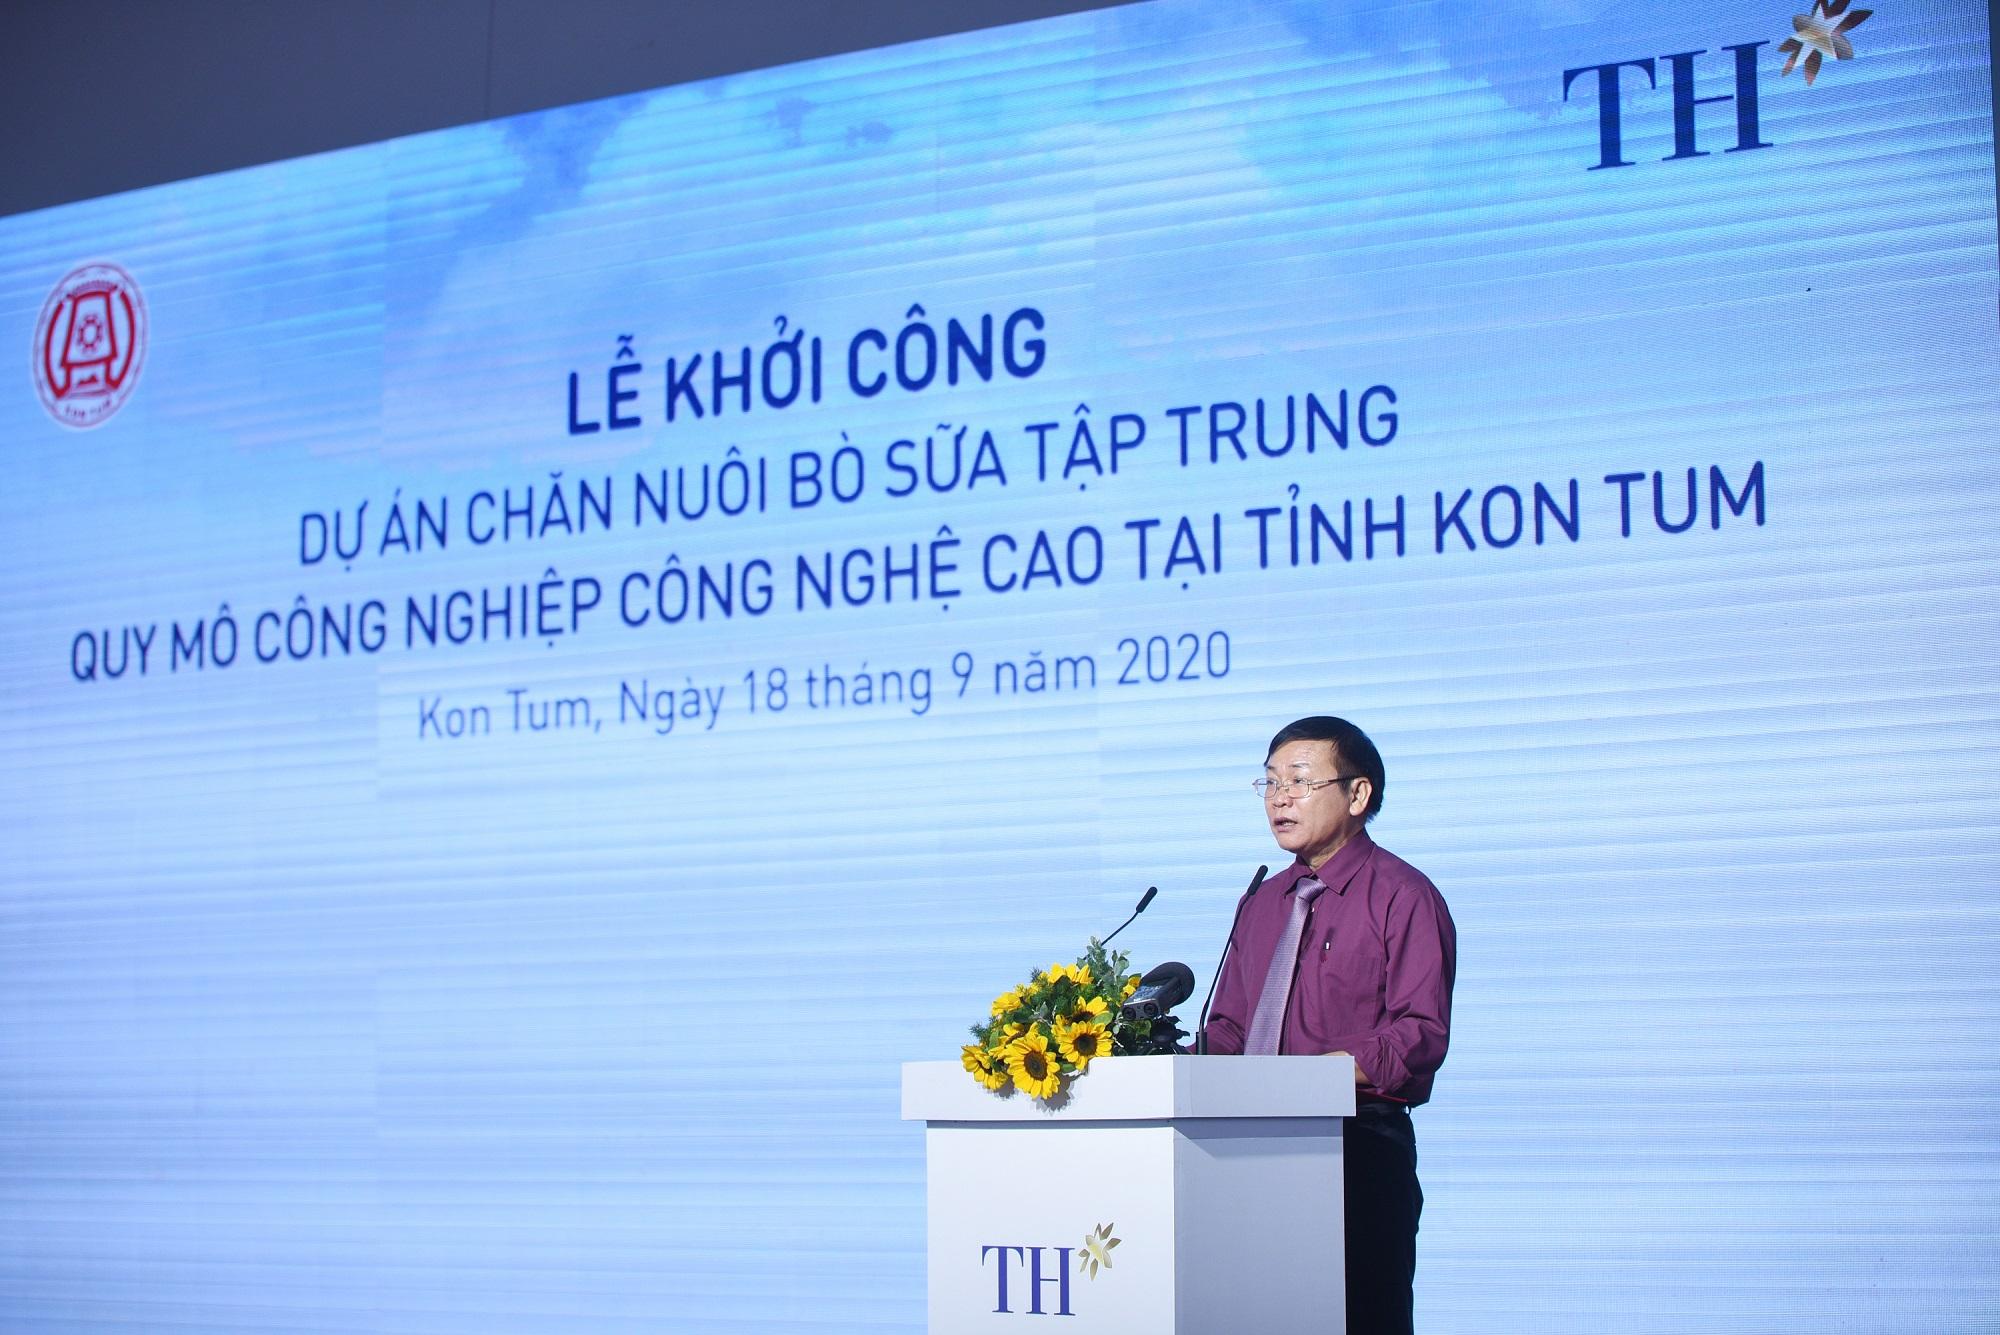 Tập đoàn TH khởi công Dự án chăn nuôi bò sữa công nghệ cao lớn nhất Tây Nguyên